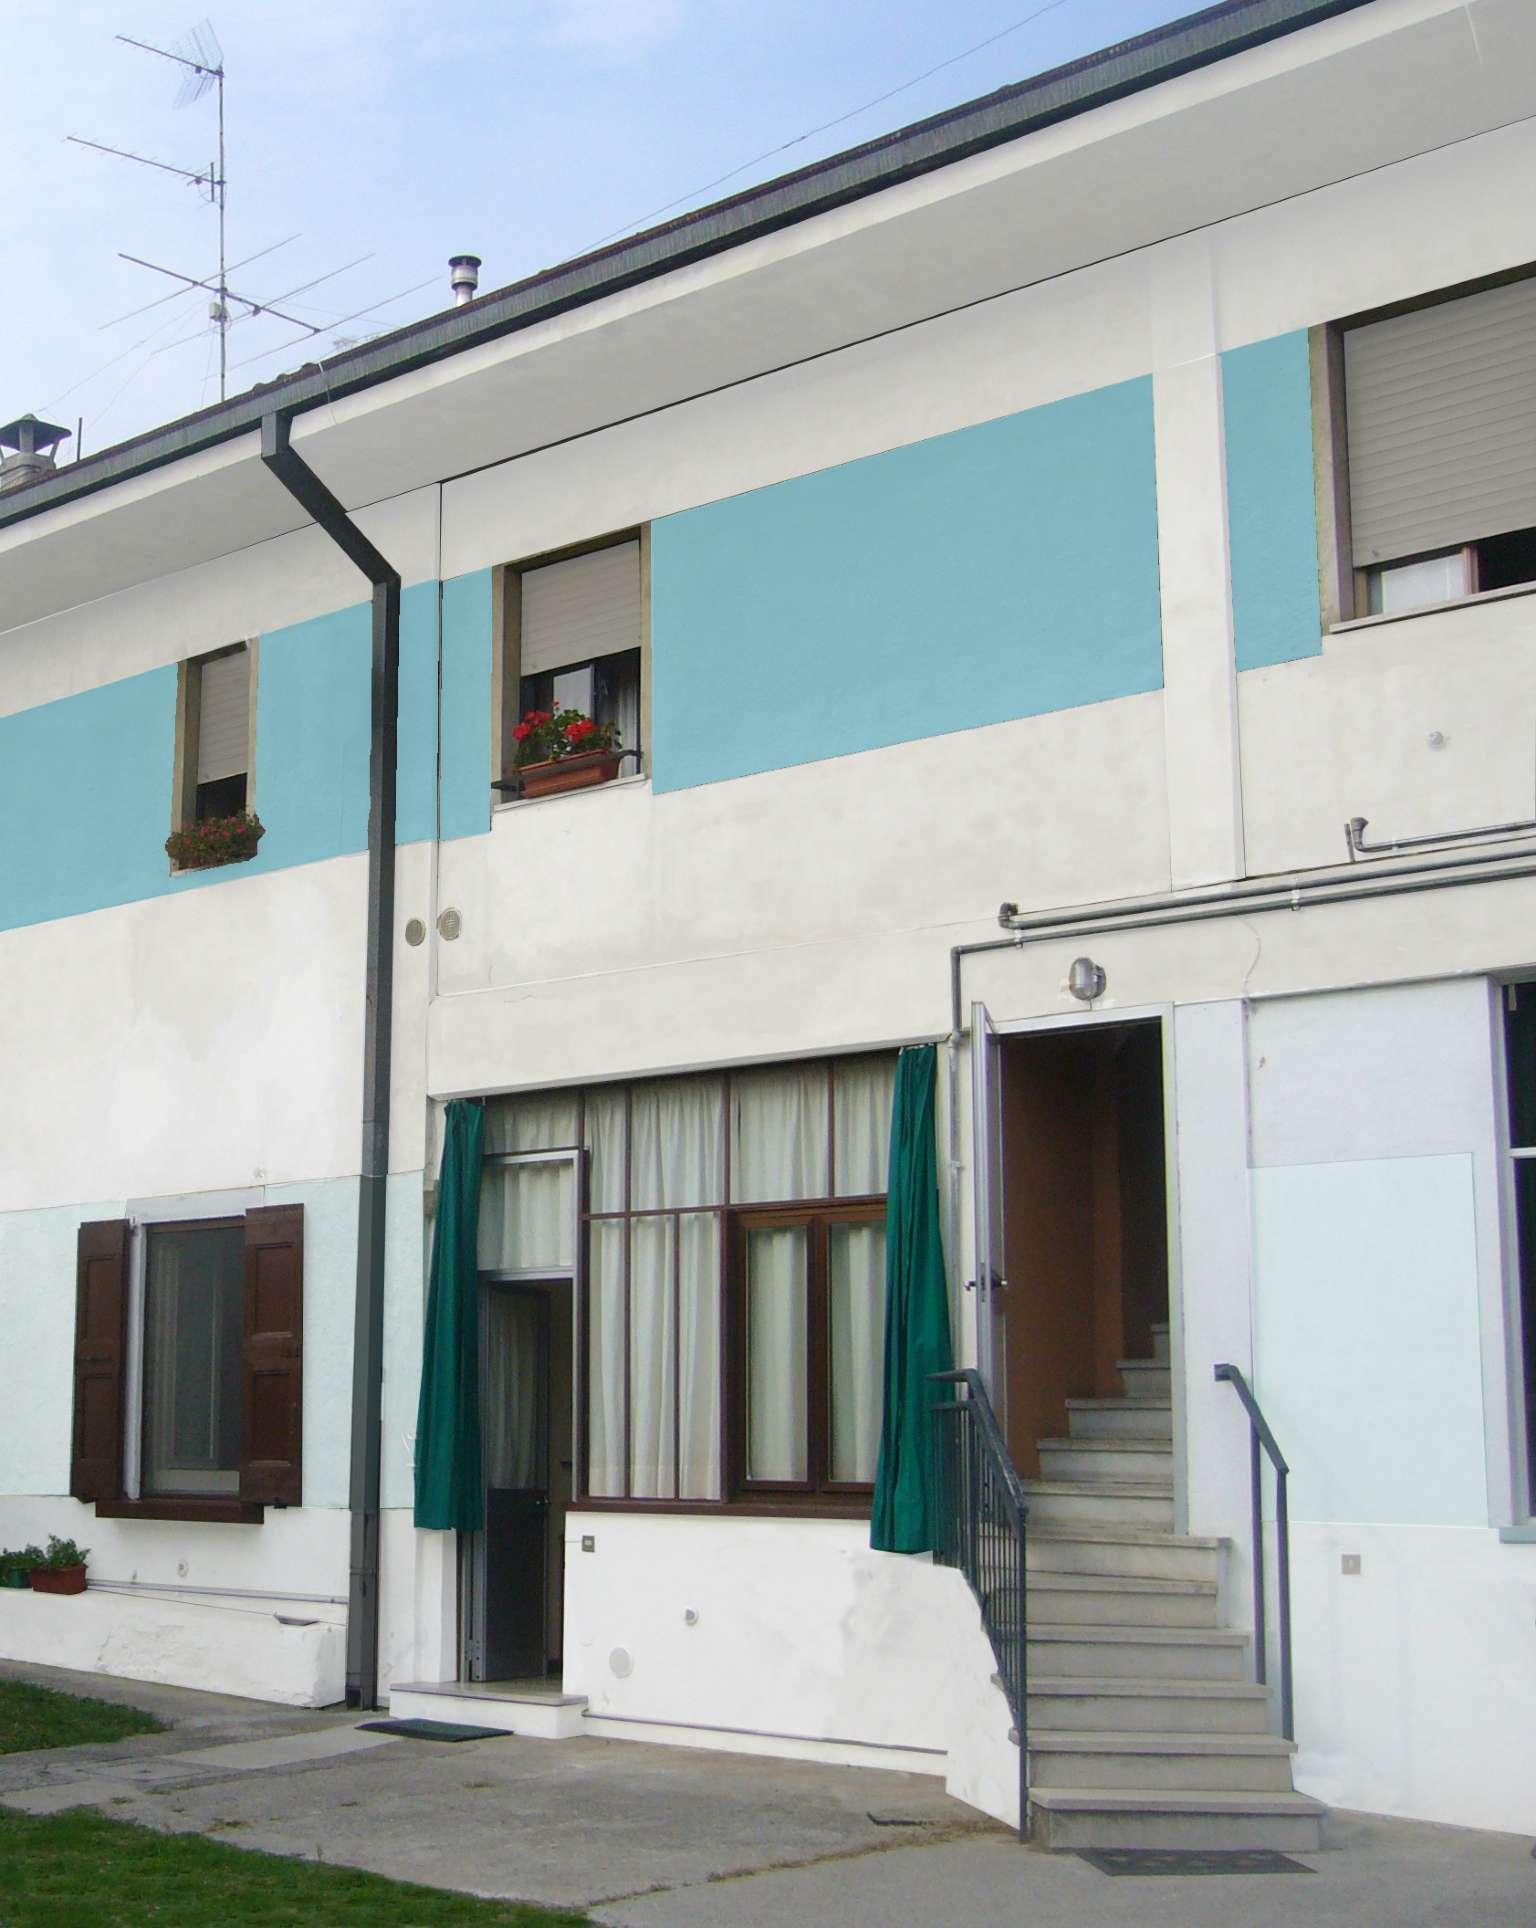 Palazzo / Stabile in vendita a Provaglio d'Iseo, 10 locali, prezzo € 300.000 | CambioCasa.it